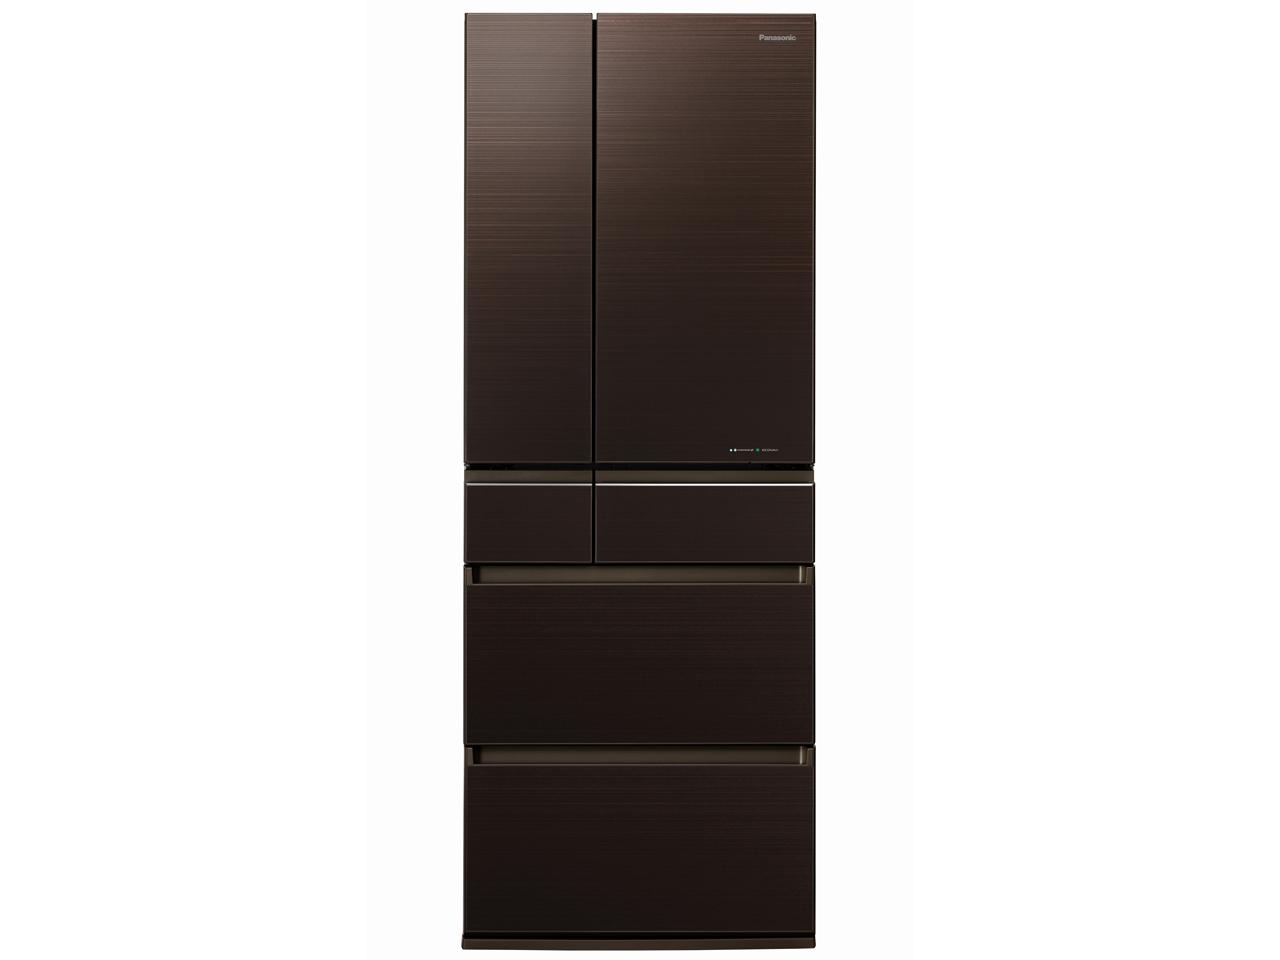 【標準設置無料】 パナソニック 600L パーシャル搭載冷蔵庫NR-F604HPX-T 質量:116kg